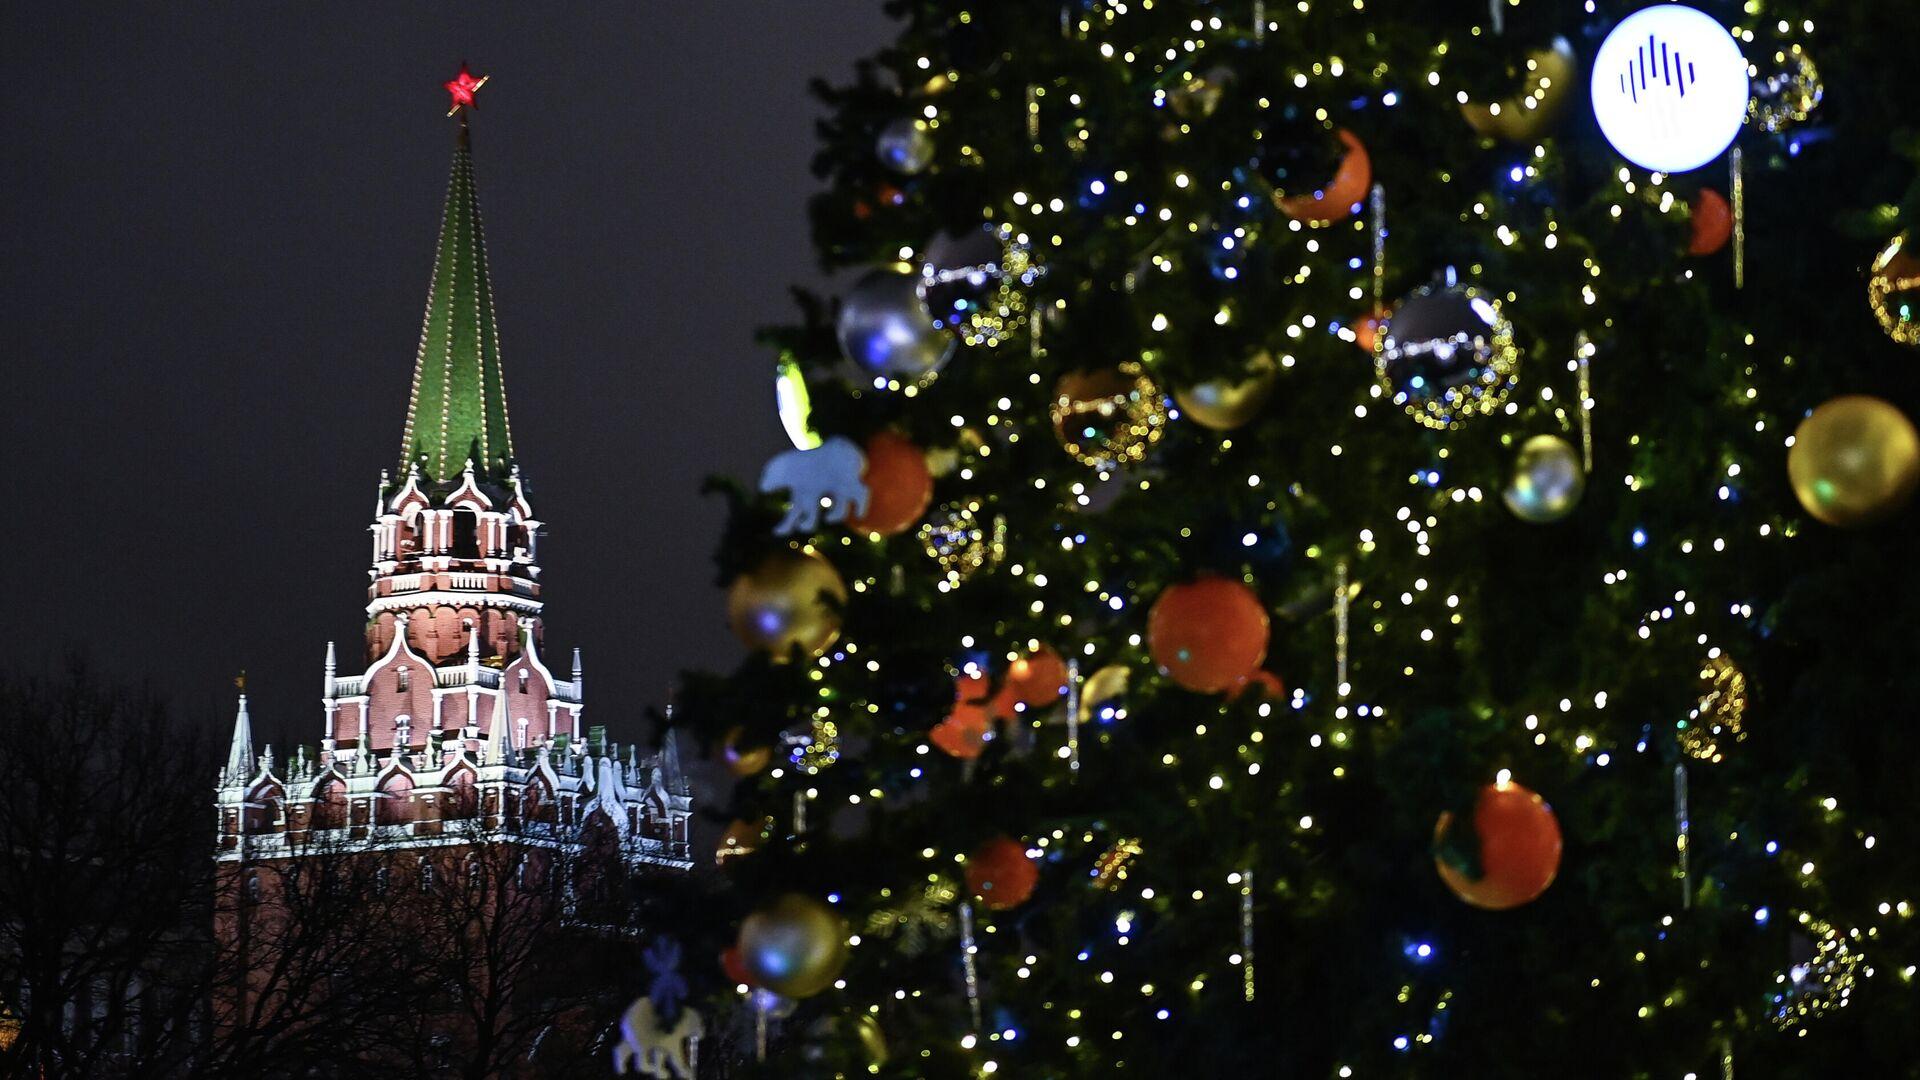 Троицкая башня Московского Кремля и новогодняя елка на Манежной площади  - РИА Новости, 1920, 25.12.2020